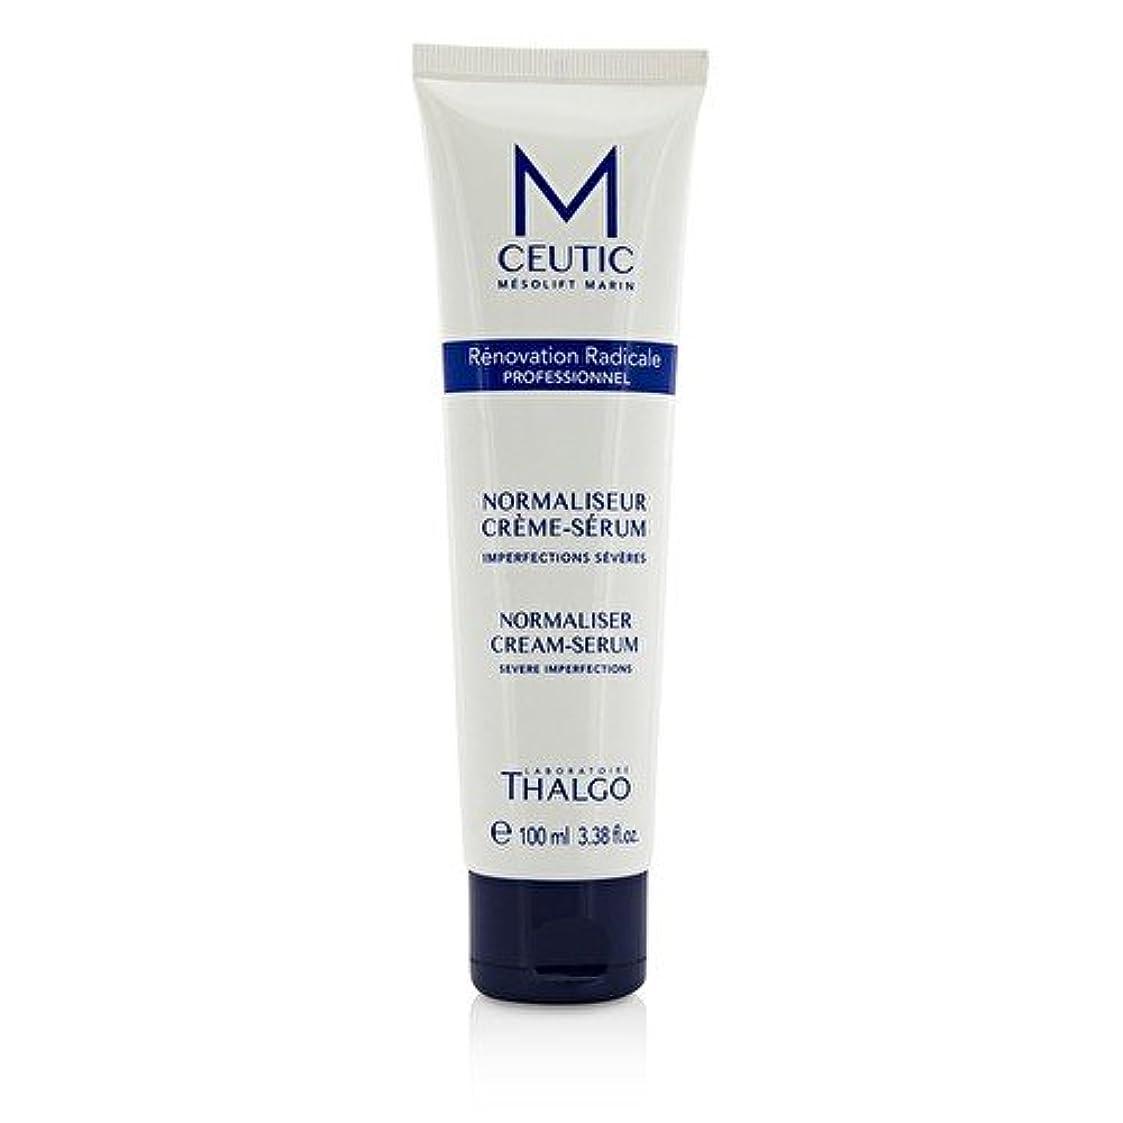 大砲シャーク砦タルゴ MCEUTIC Normalizer Cream-Serum - Salon Size 100ml/3.38oz並行輸入品